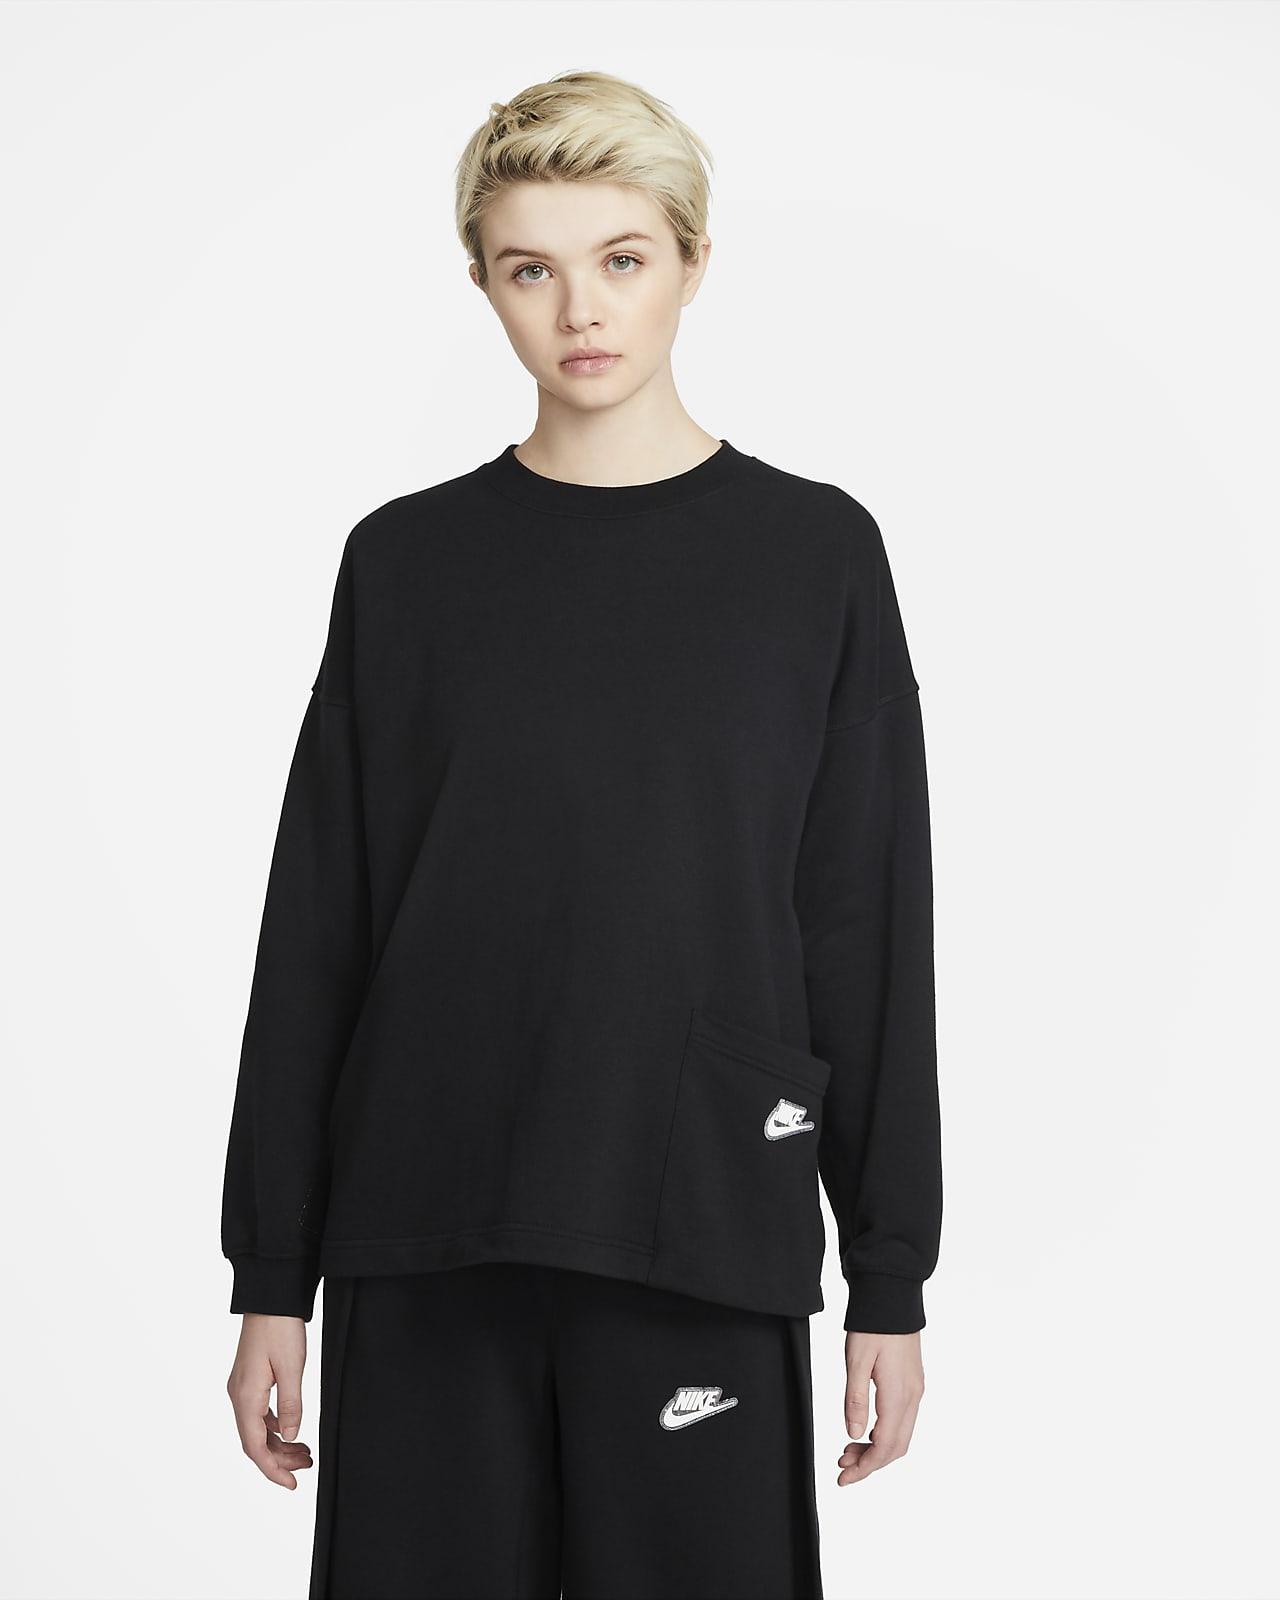 Tröja Nike Sportswear med rund hals för kvinnor